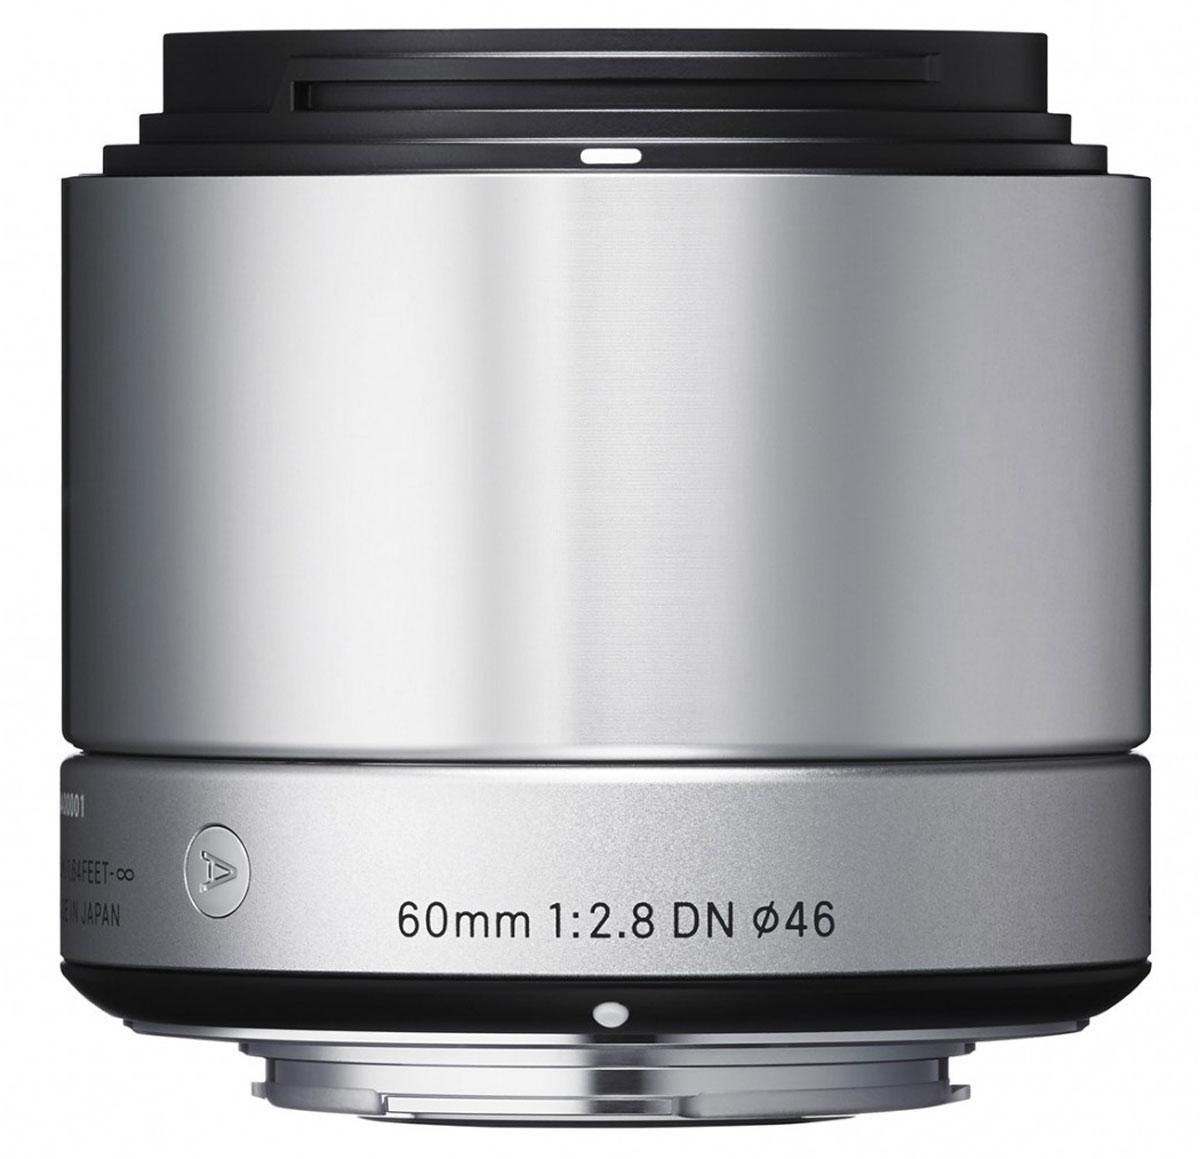 Sigma AF 60mm f/2.8 DN/A, Silver объектив для Micro 4/335S963Объектив Sigma AF 60mm f/2.8 DN/A создан с применением передовых оптических технологий - легкий и компактный, с небольшой глубиной резкости - позволяет фотографу эффектно выделять отдельные части объекта съемки. Фокусное расстояние в эквиваленте равно 120 мм для Micro Four/Third и 90 мм для Sony E. Объектив создает изображения с натуральной перспективой и небольшой глубиной резкости, что вкупе с приятным боке делает снимки особо выразительными. Кроме этого, значительно улучшена функциональность. Простая форма кольца фокусировки, различие текстур каждой части, использование металла как основного материала и цельный корпус - все это составляющие дизайна Sigma AF 60mm f/2.8 DN/A. В конструкции объектива применяется самое современное сверхнизнодисперсное оптическое стекло (SLD), а также литые асферические элементы, что гарантирует превосходное исправление искажений и других видов аберрации. Закругленная 7-лепестковая диафрагма создает привлекательное...